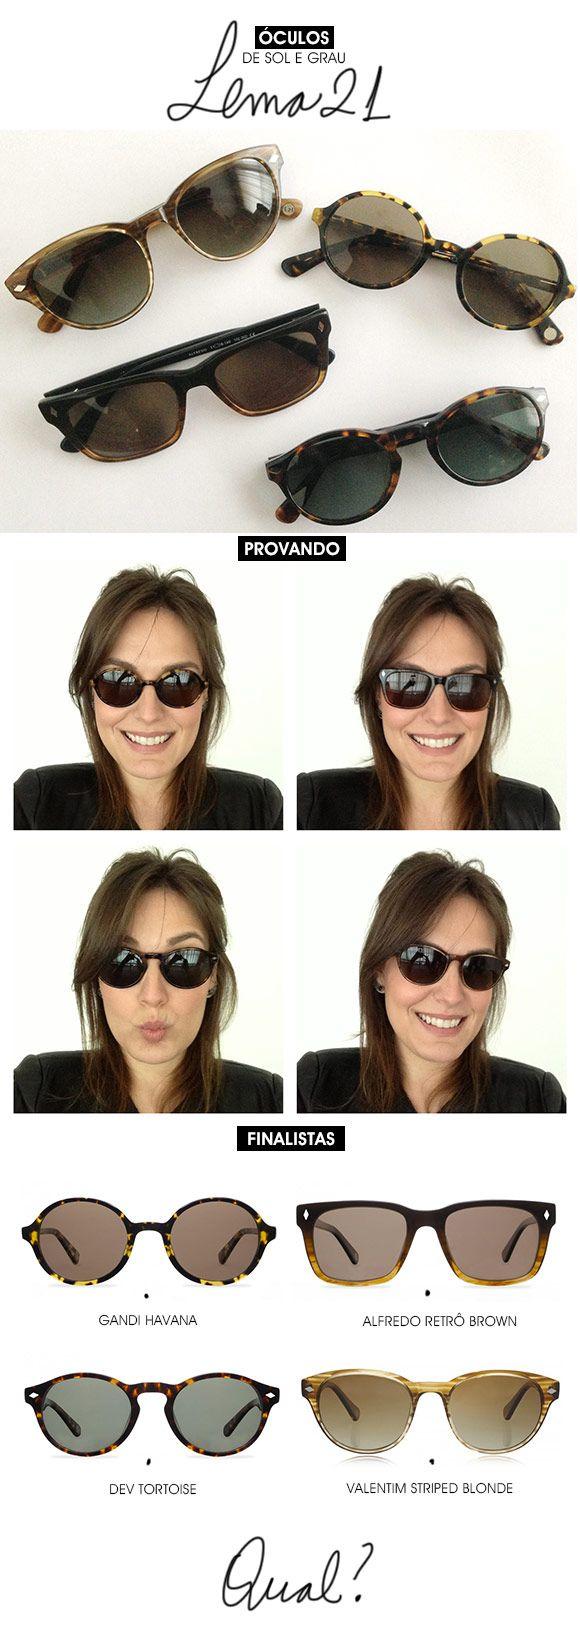 Achados da Bia | Publicidade | Óculos de sol e grau | Lema21